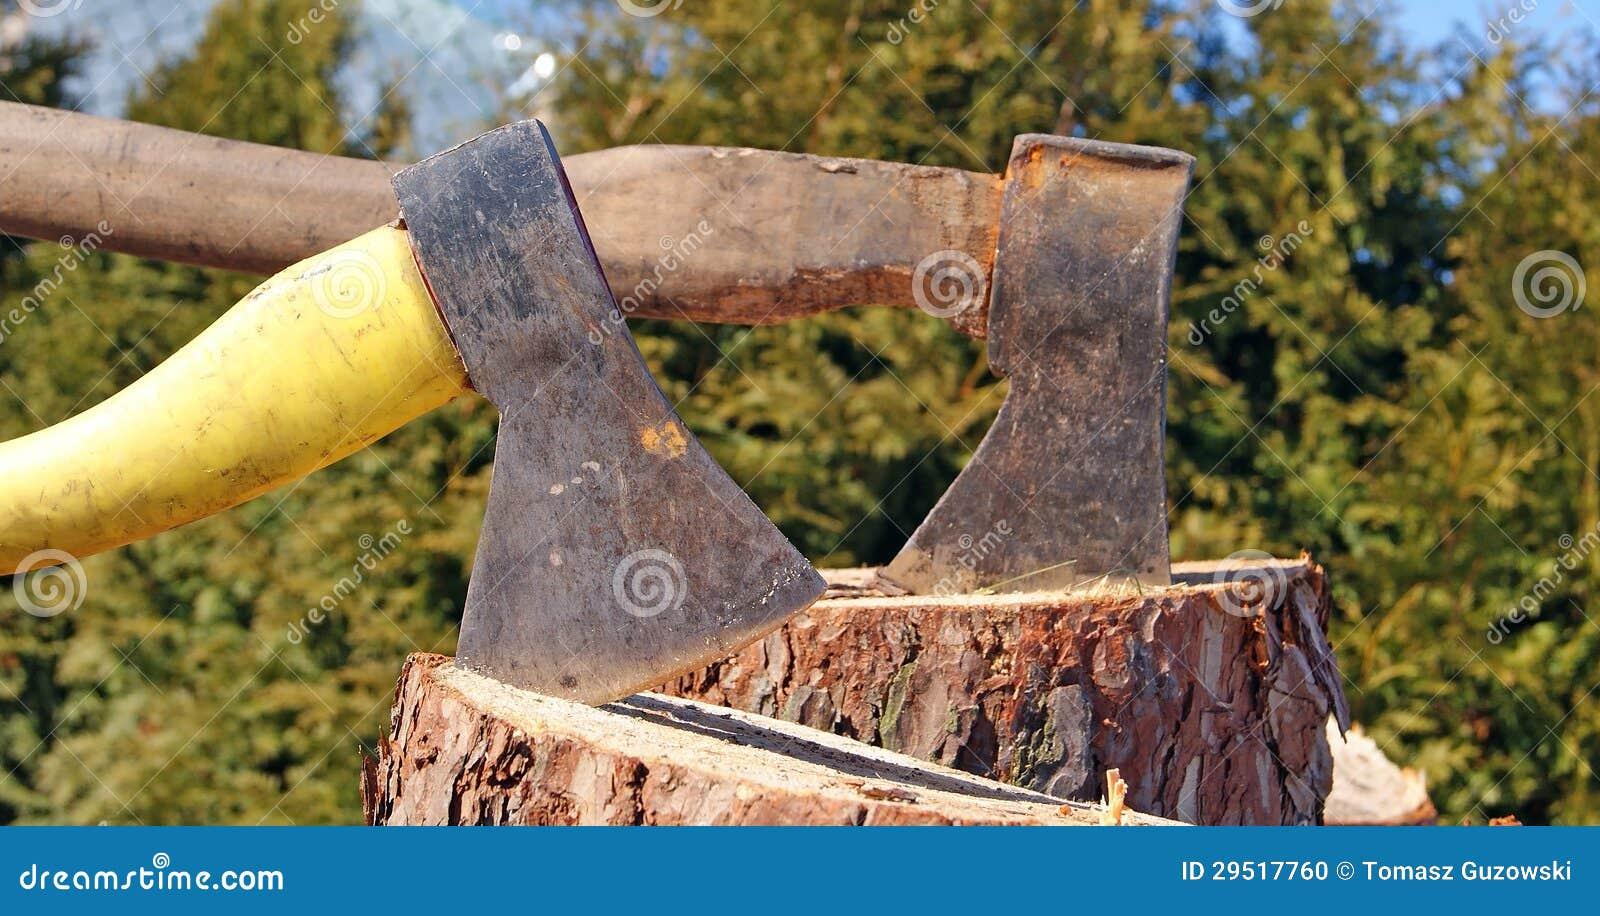 hache avec du bois coup photo stock image 29517760. Black Bedroom Furniture Sets. Home Design Ideas